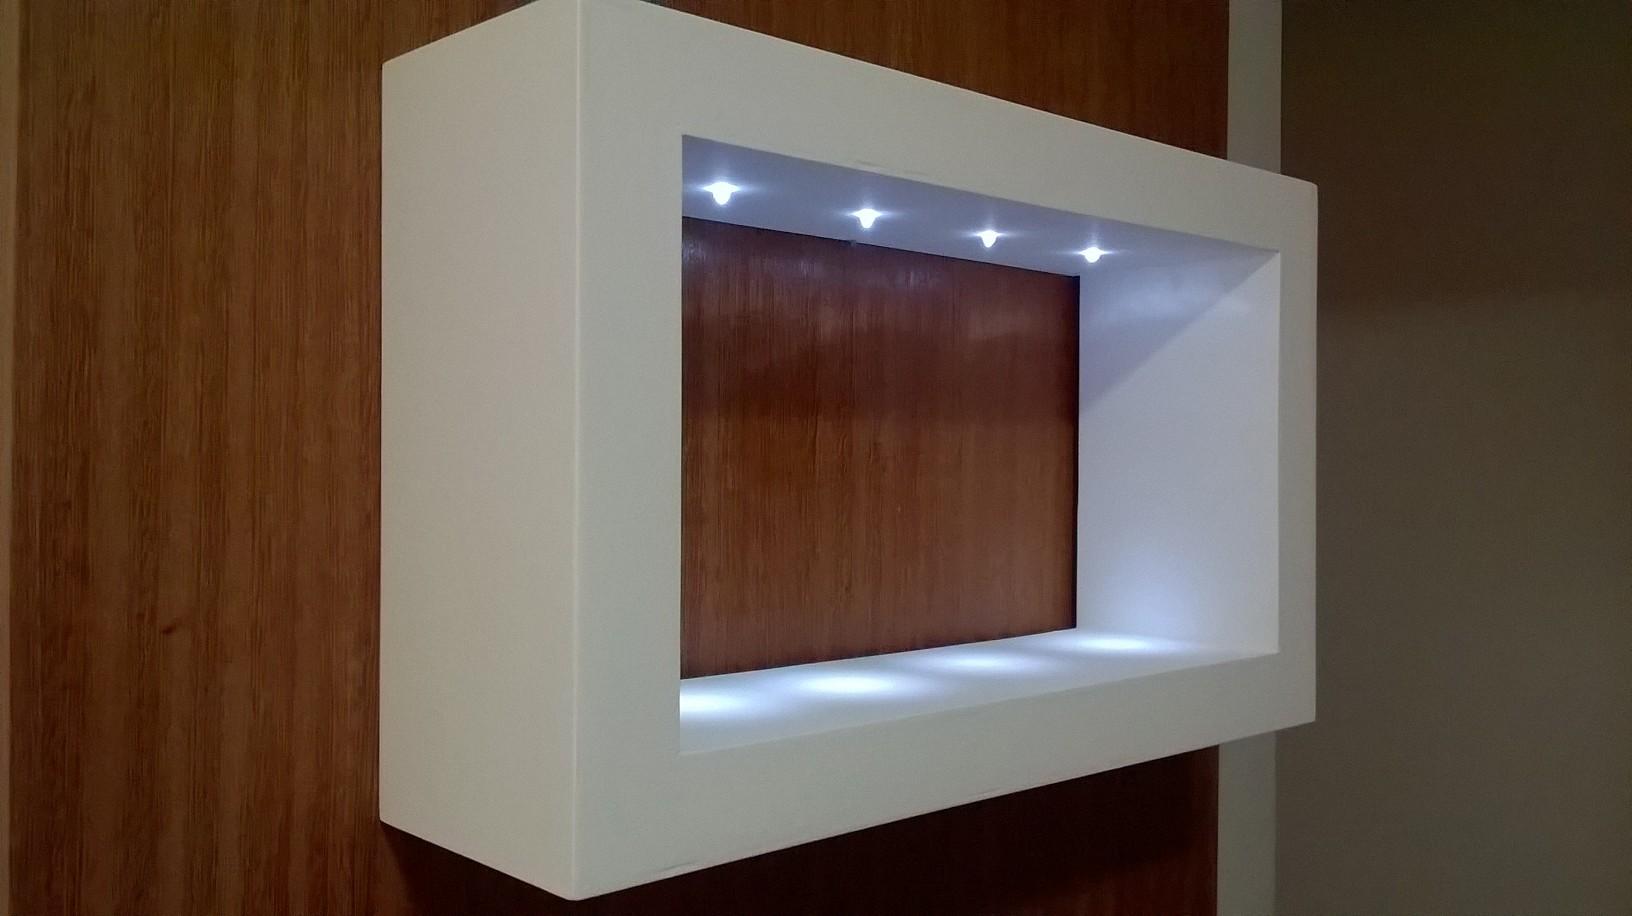 Nicho vazado 52x13x31 cm com LEDs  Schimidt Artes  Elo7 # Nicho Para Banheiro Comprar